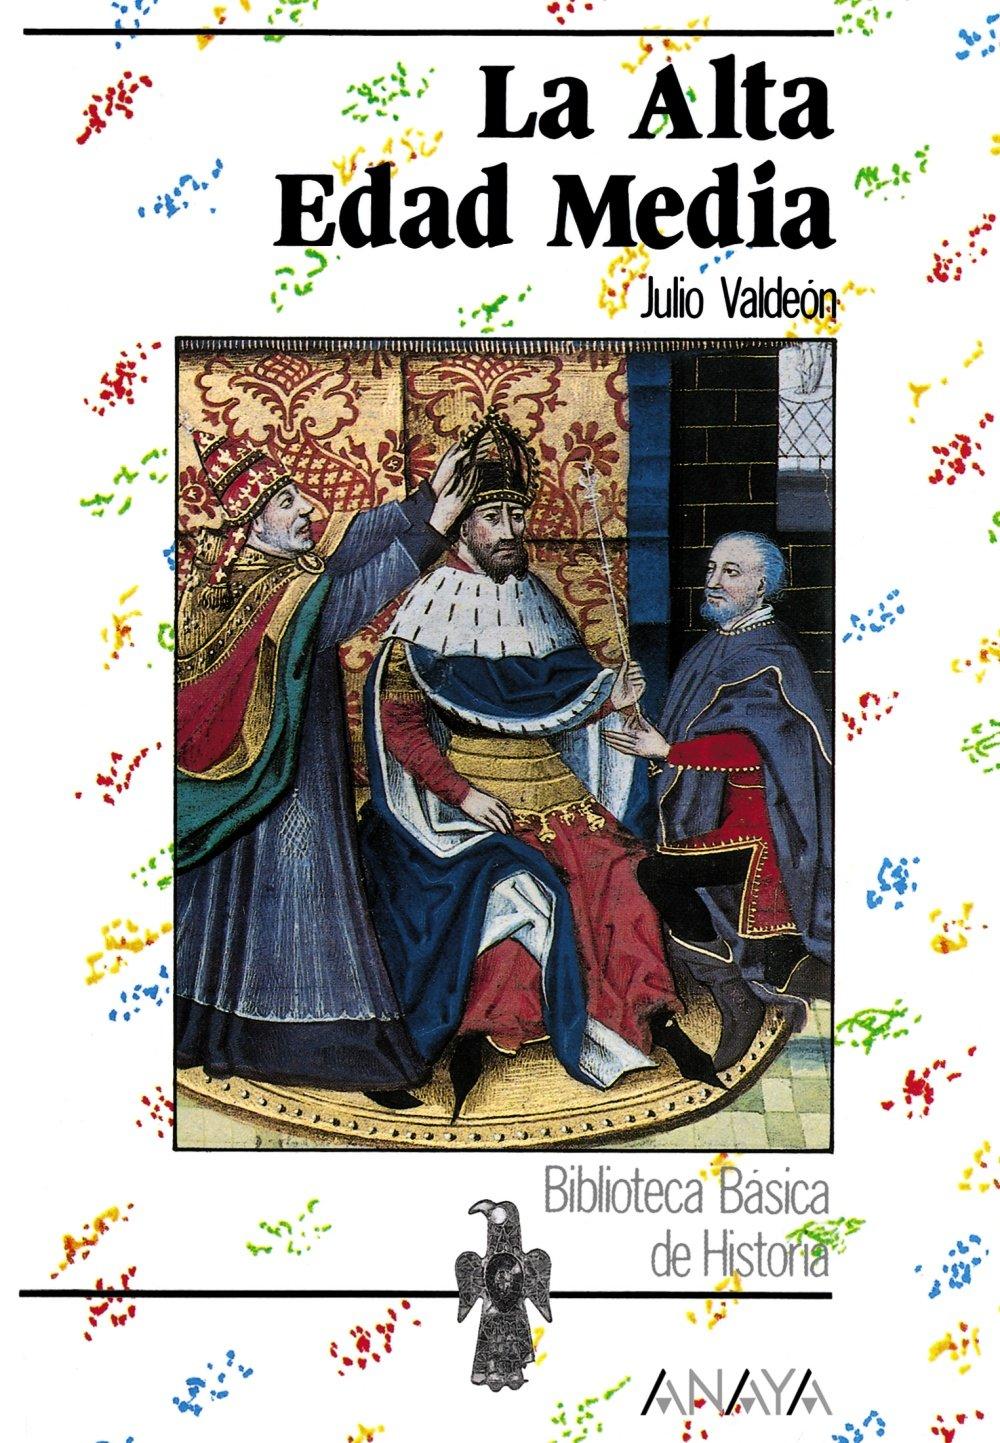 La Alta Edad Media Historia - Biblioteca Básica De Historia - Serie «General»: Amazon.es: Valdeón, Julio: Libros